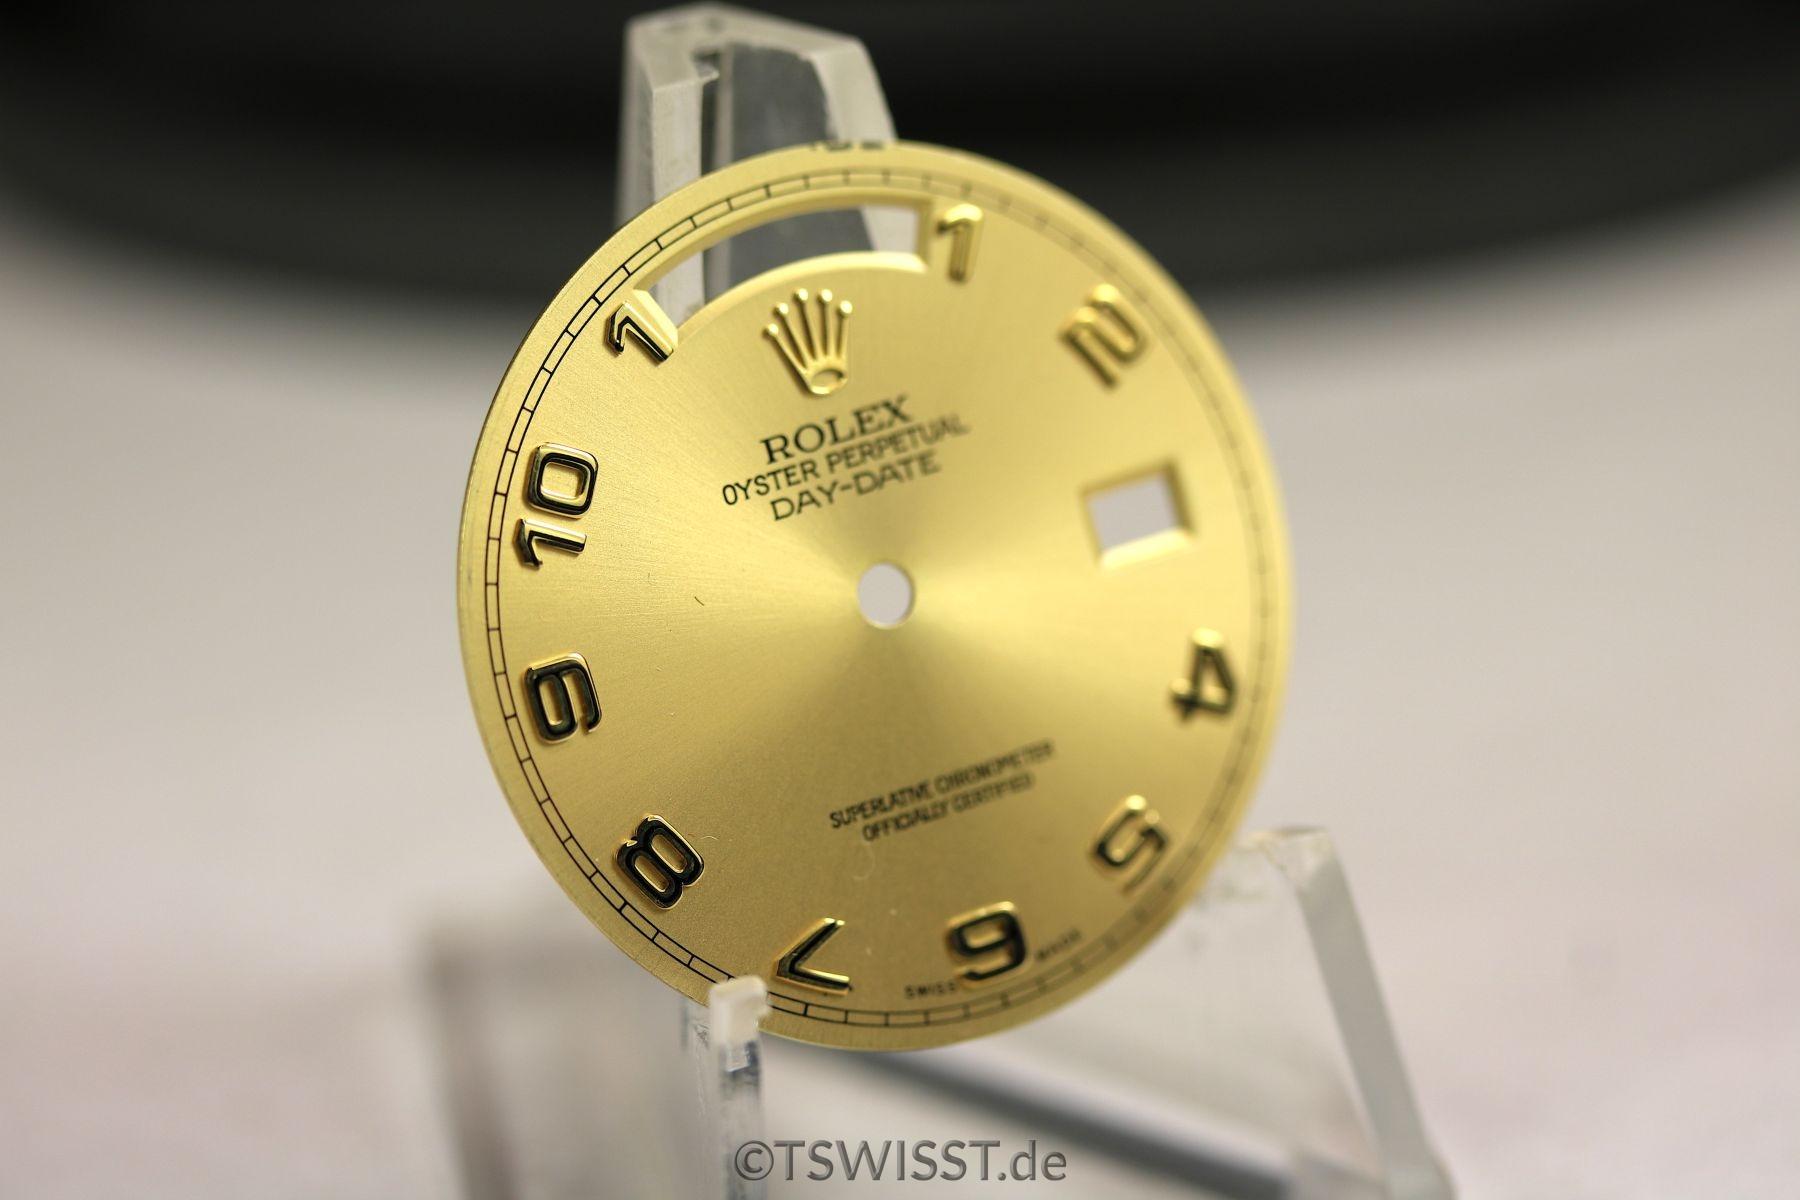 Rolex Daydate dial Gold Arab a